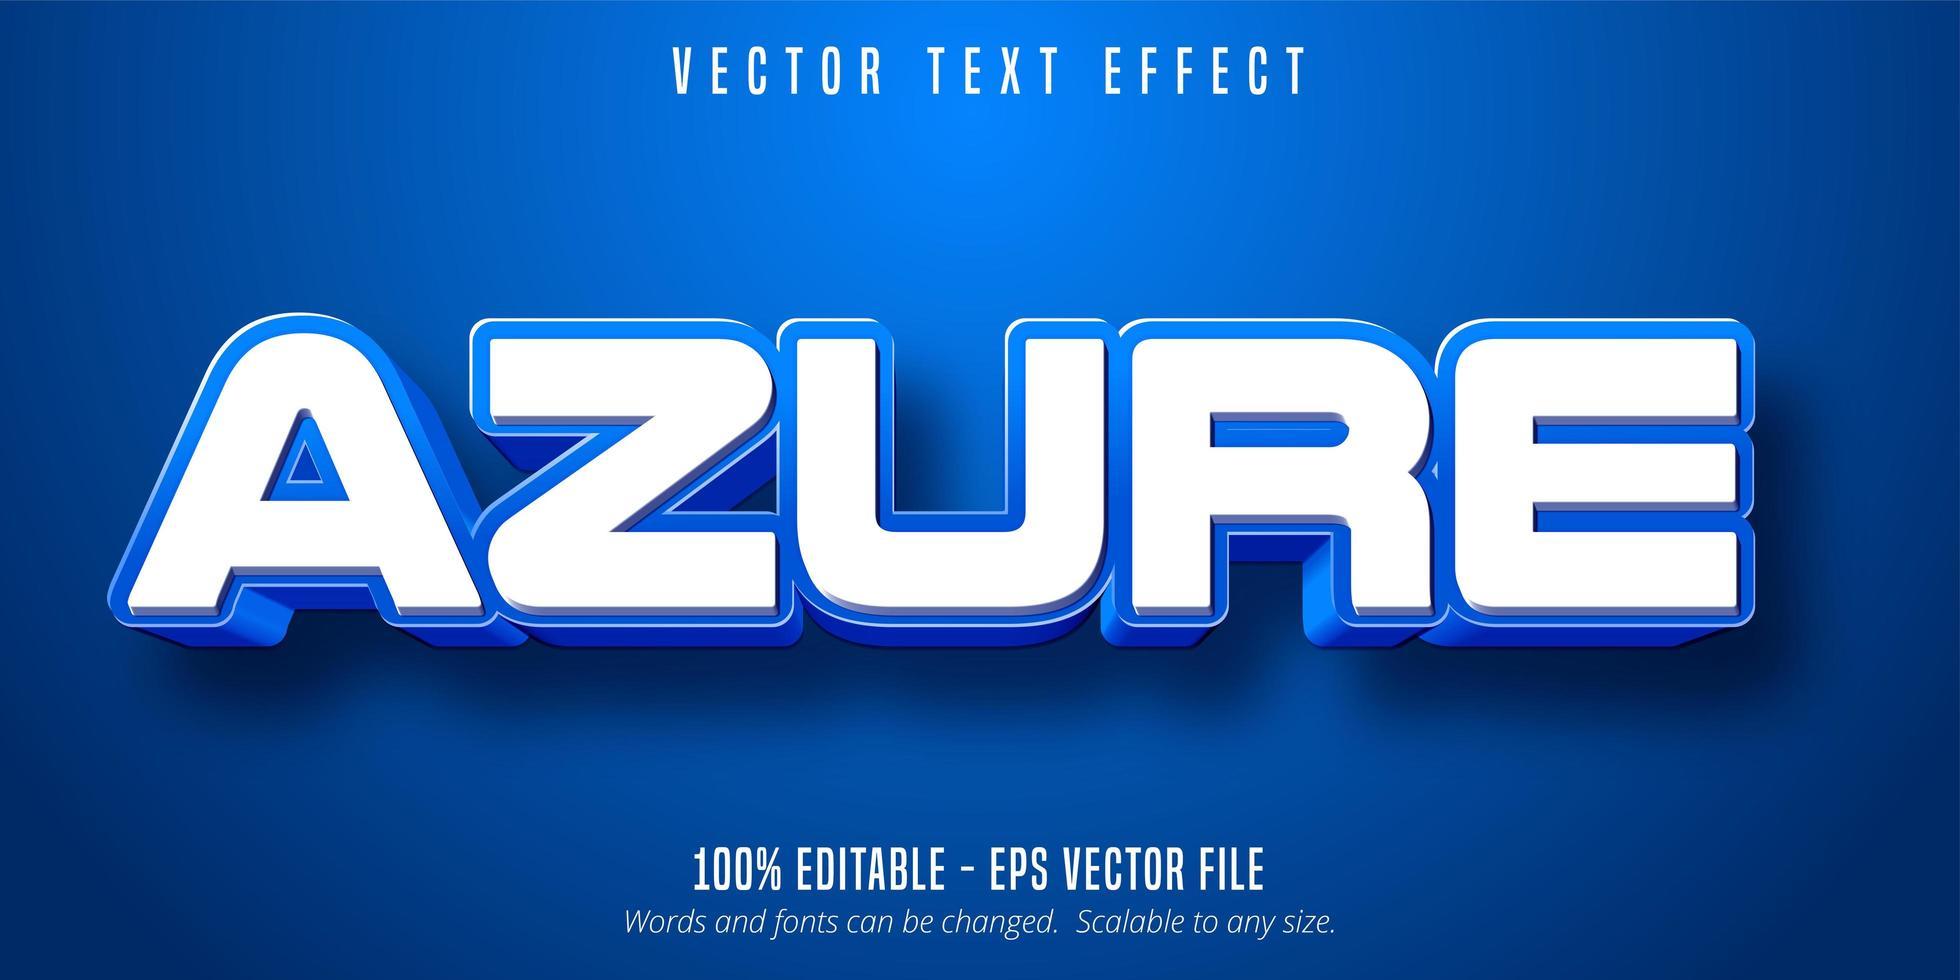 azurblå text, blå färgeffekt vektor